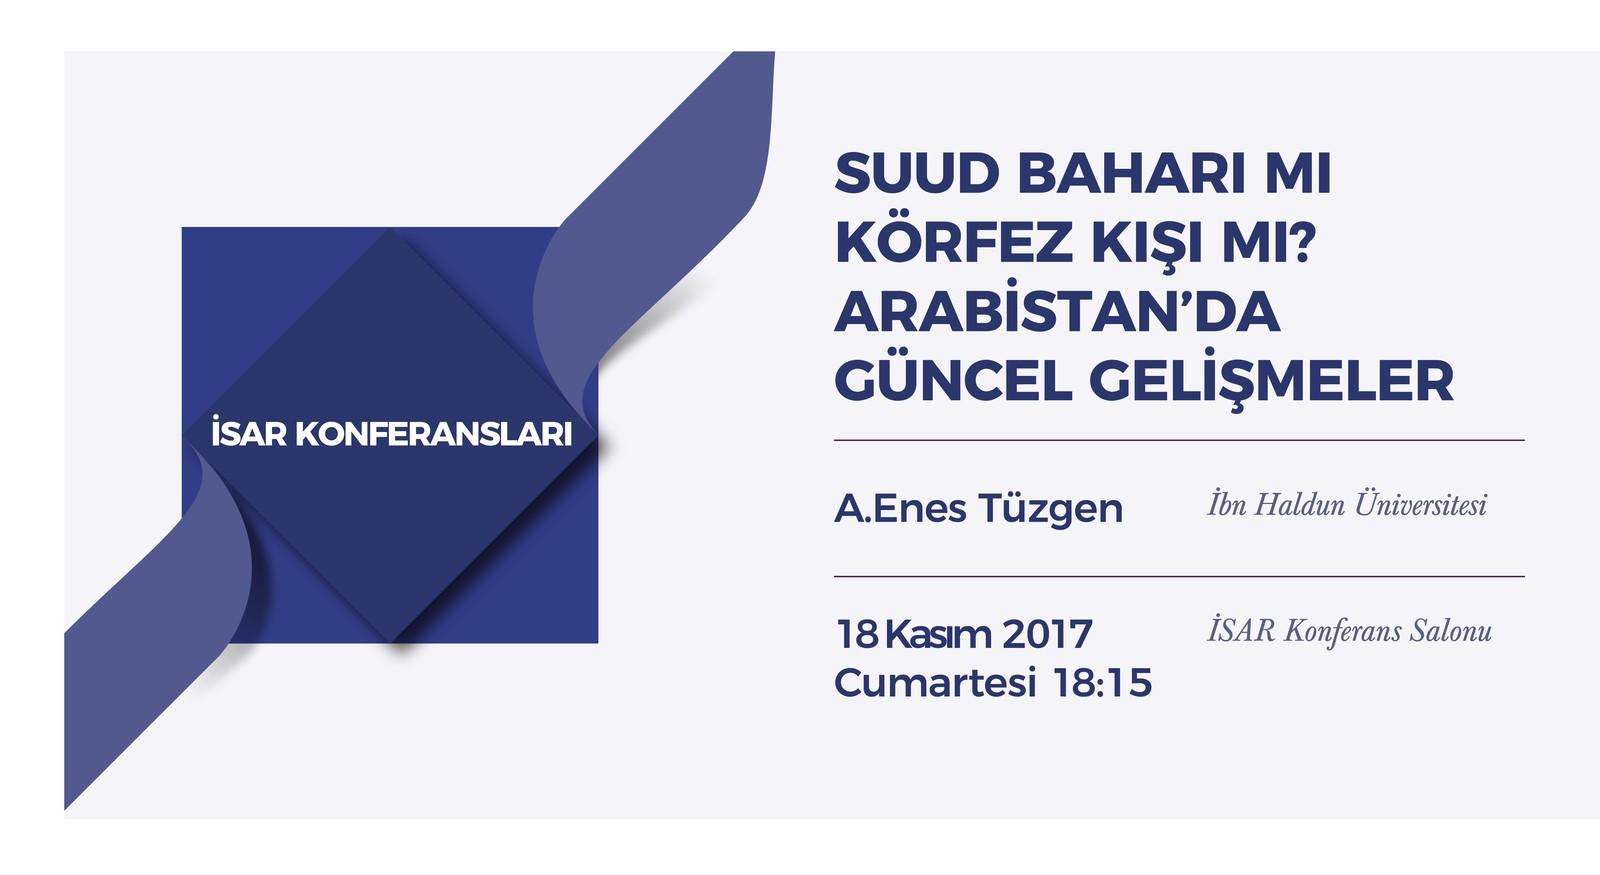 İSAR Konferansları: Suud Baharı mı Körfez Kışı mı? Arabistan'da Güncel Gelişmeler